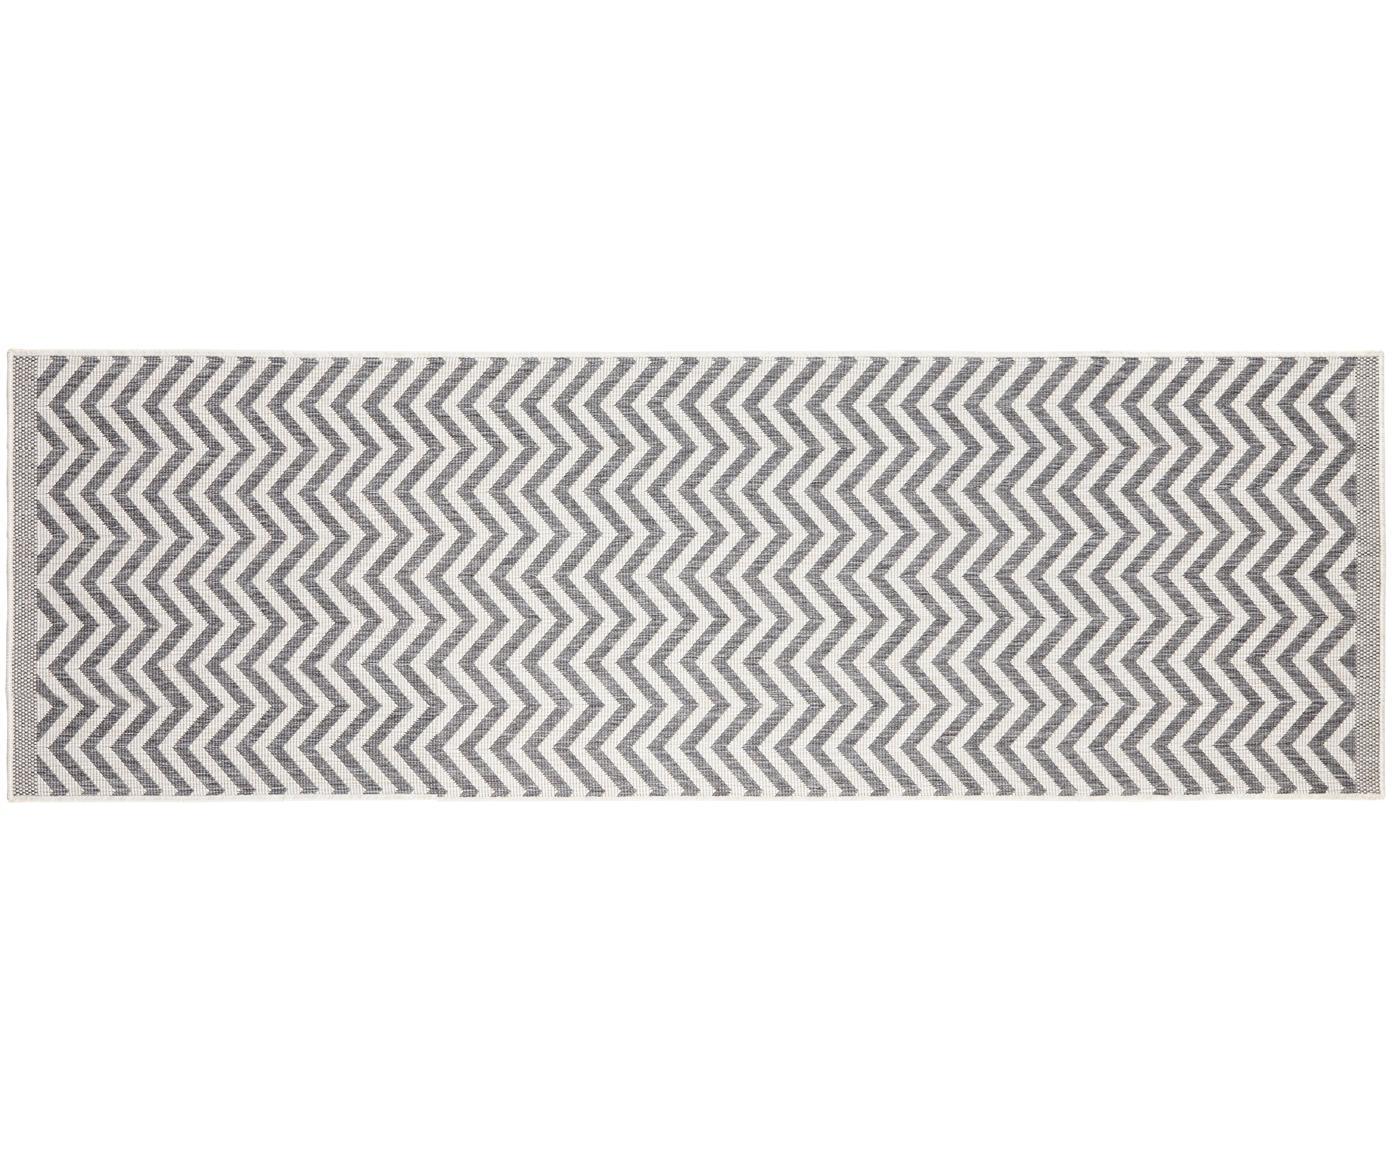 In- & Outdoor-Läufer Palma mit Zickzack-Muster, beidseitig verwendbar, Grau, Creme, 80 x 250 cm